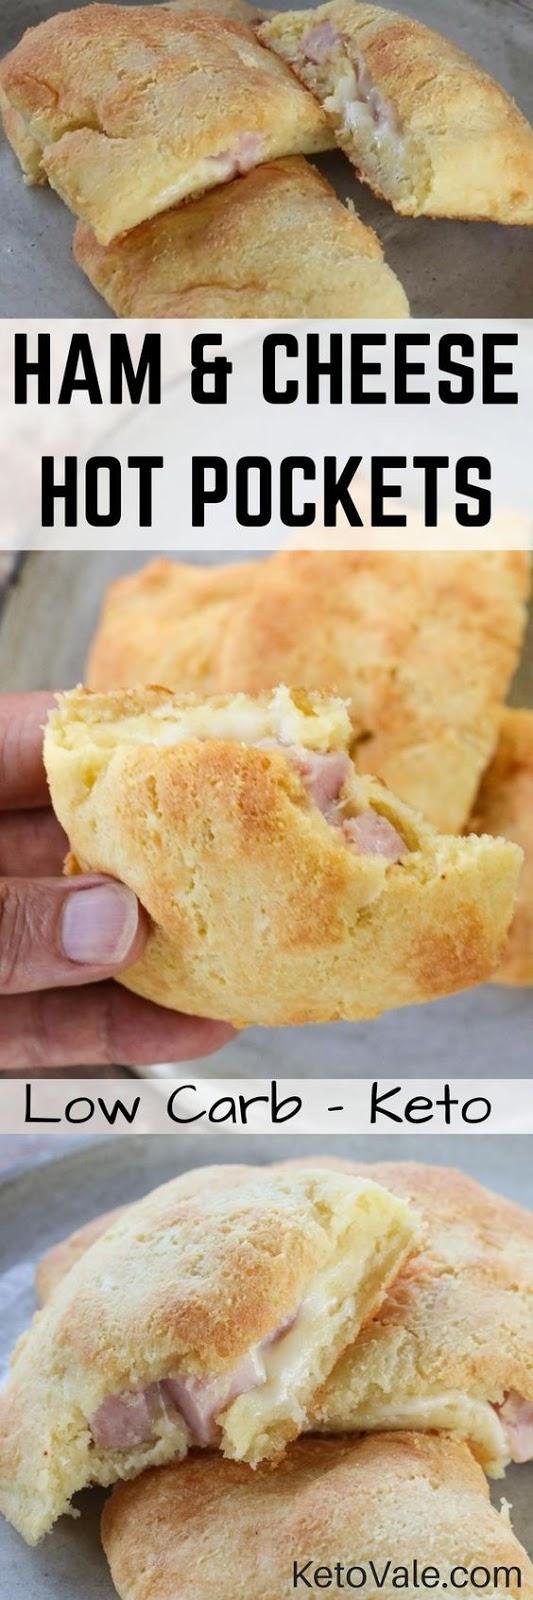 KETO,Ham and Cheese Hot Pockets